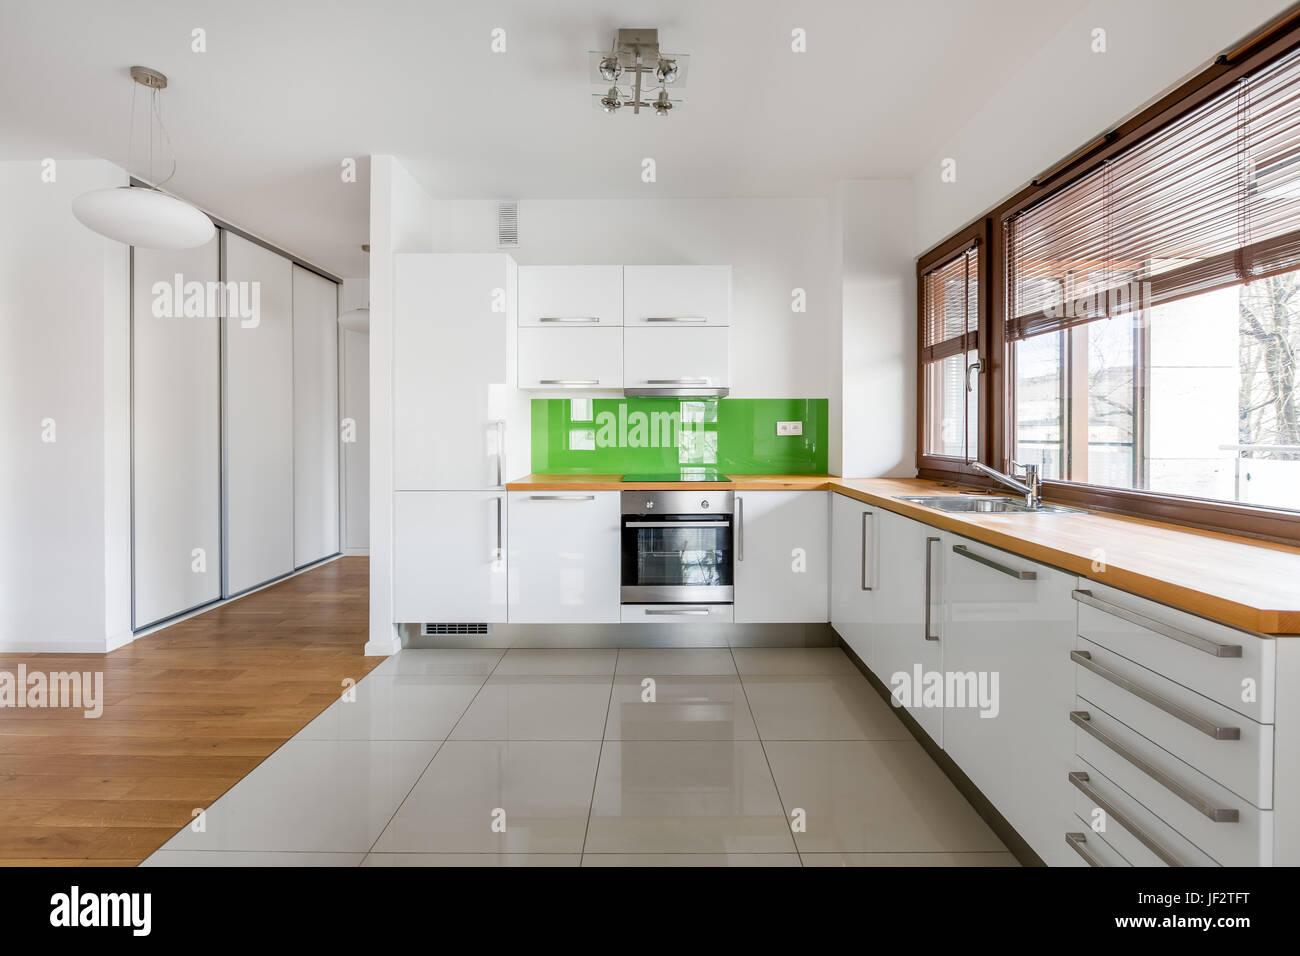 Licht In Der Küchenarbeitsplatte | Led Beleuchtung Küche Decke Haus ...